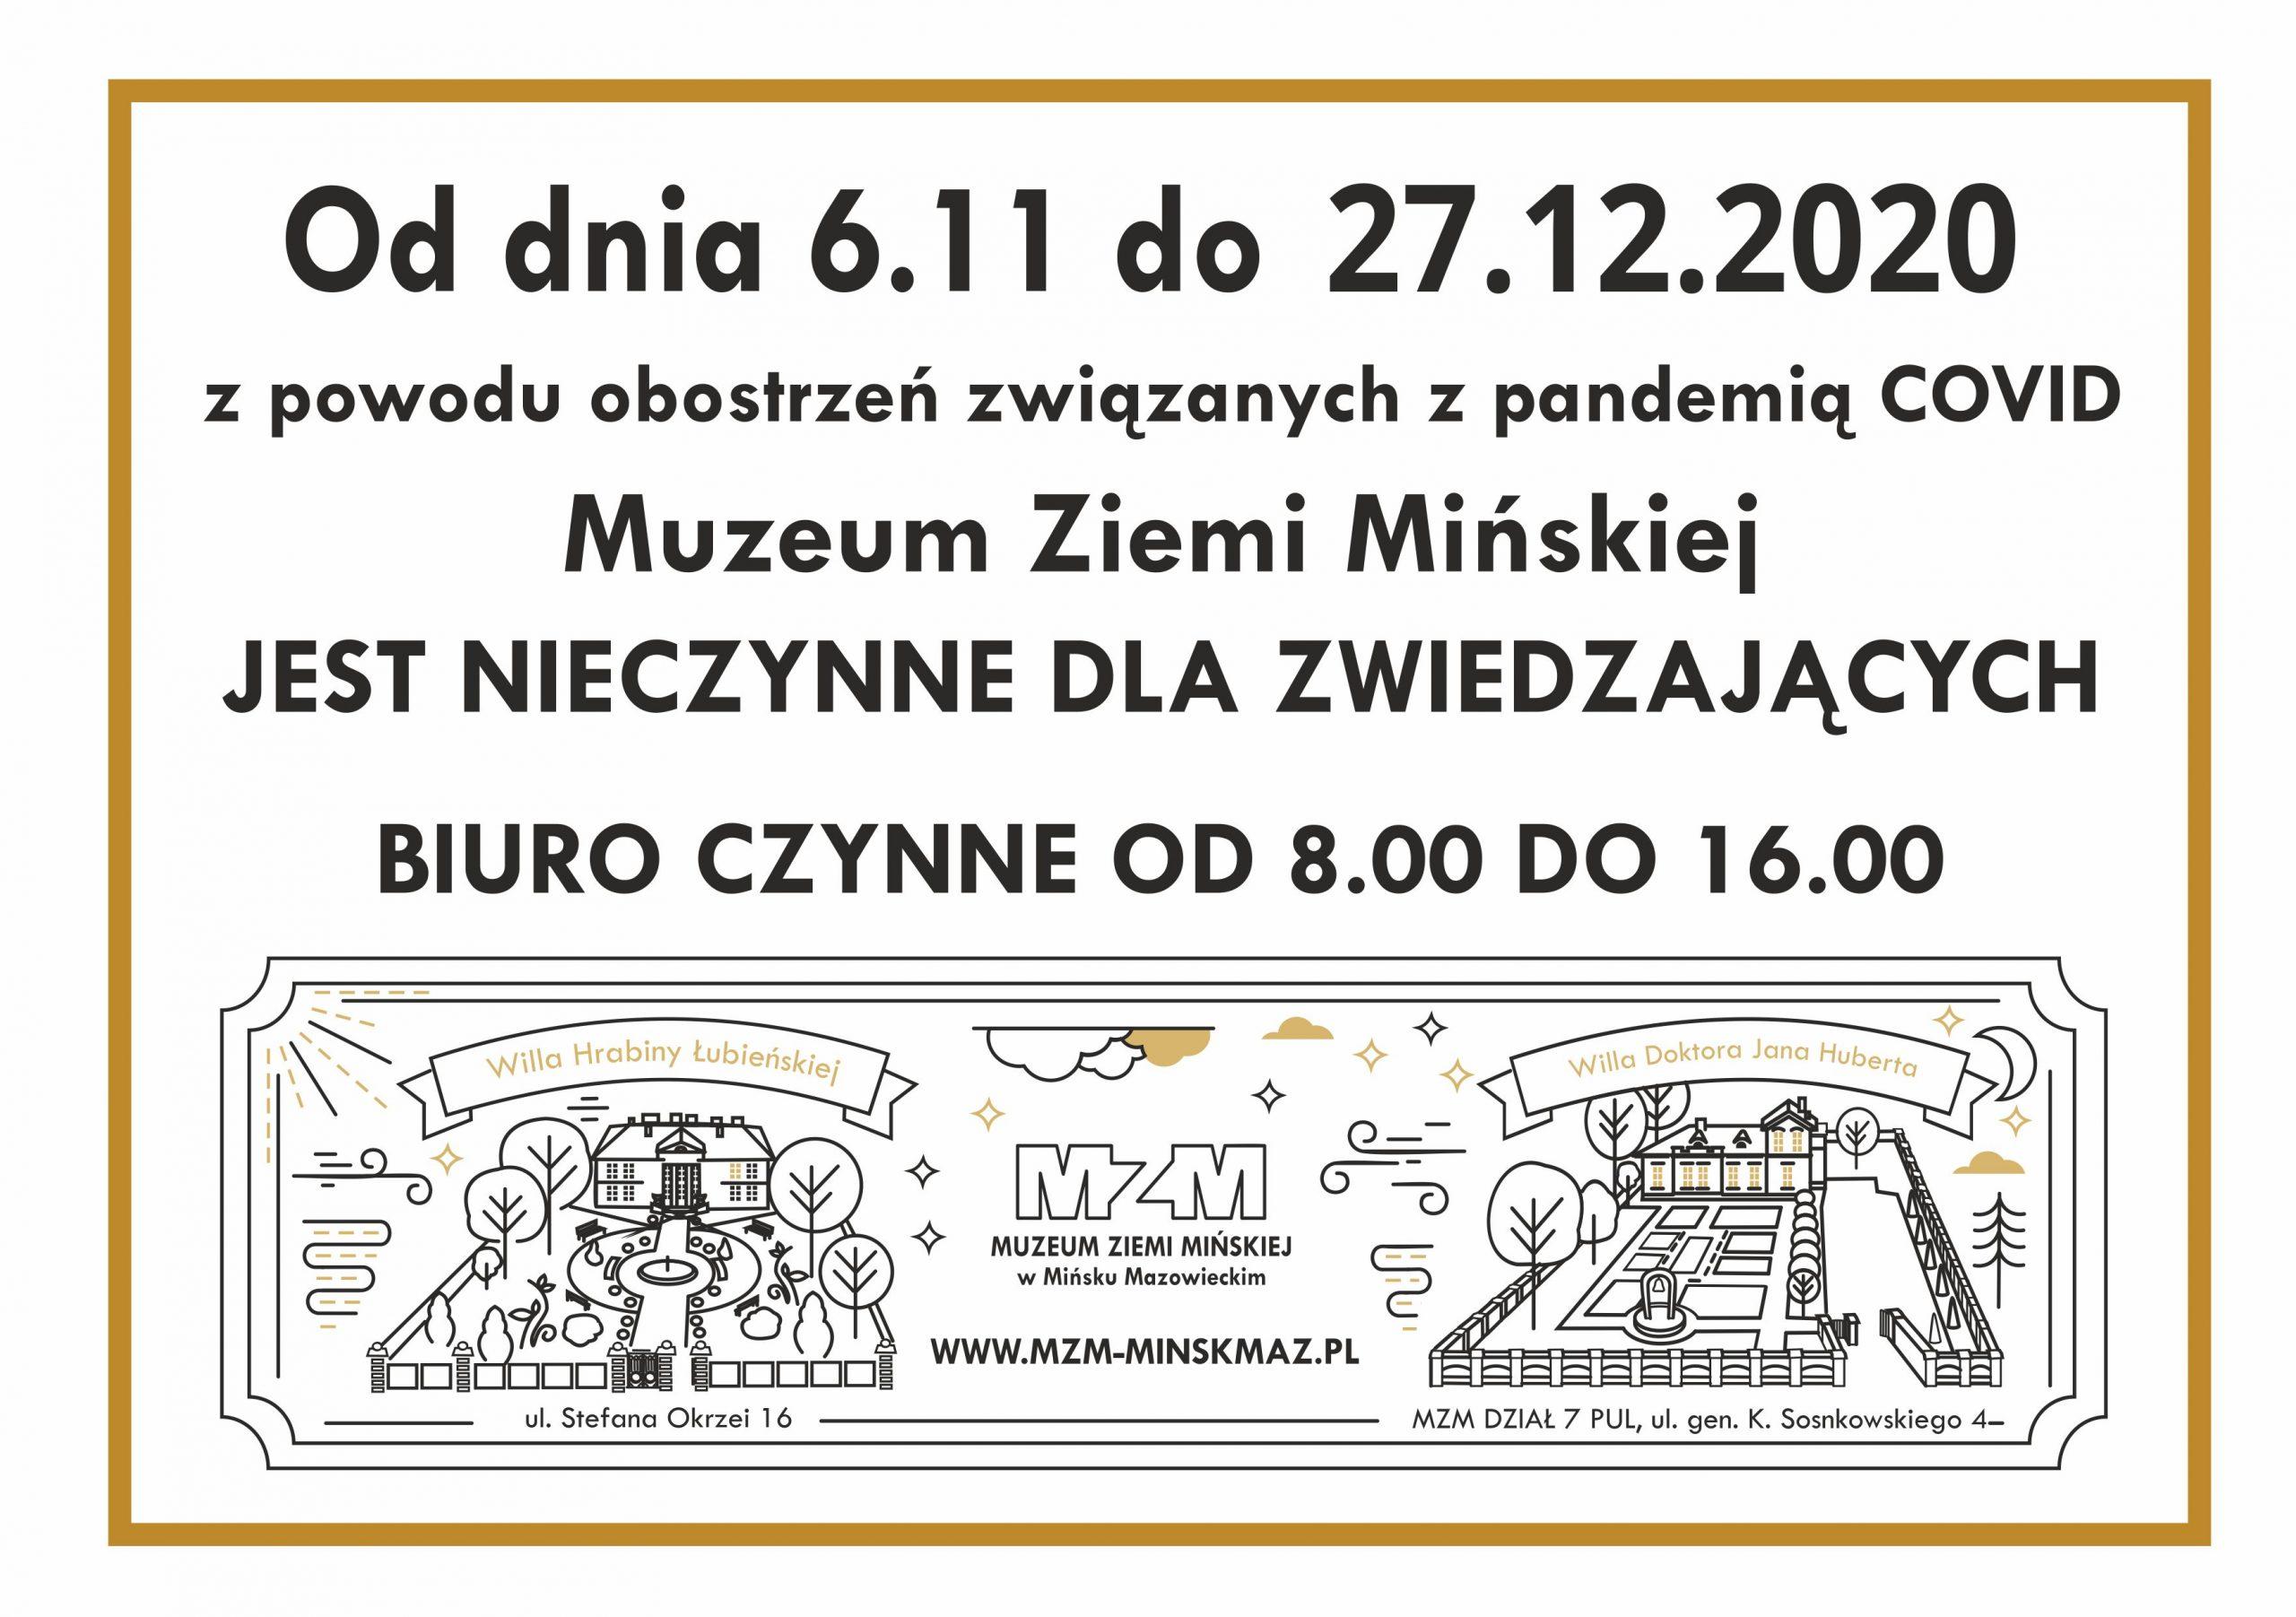 MZM nieczynne dla zwiedzających do27.12.2020